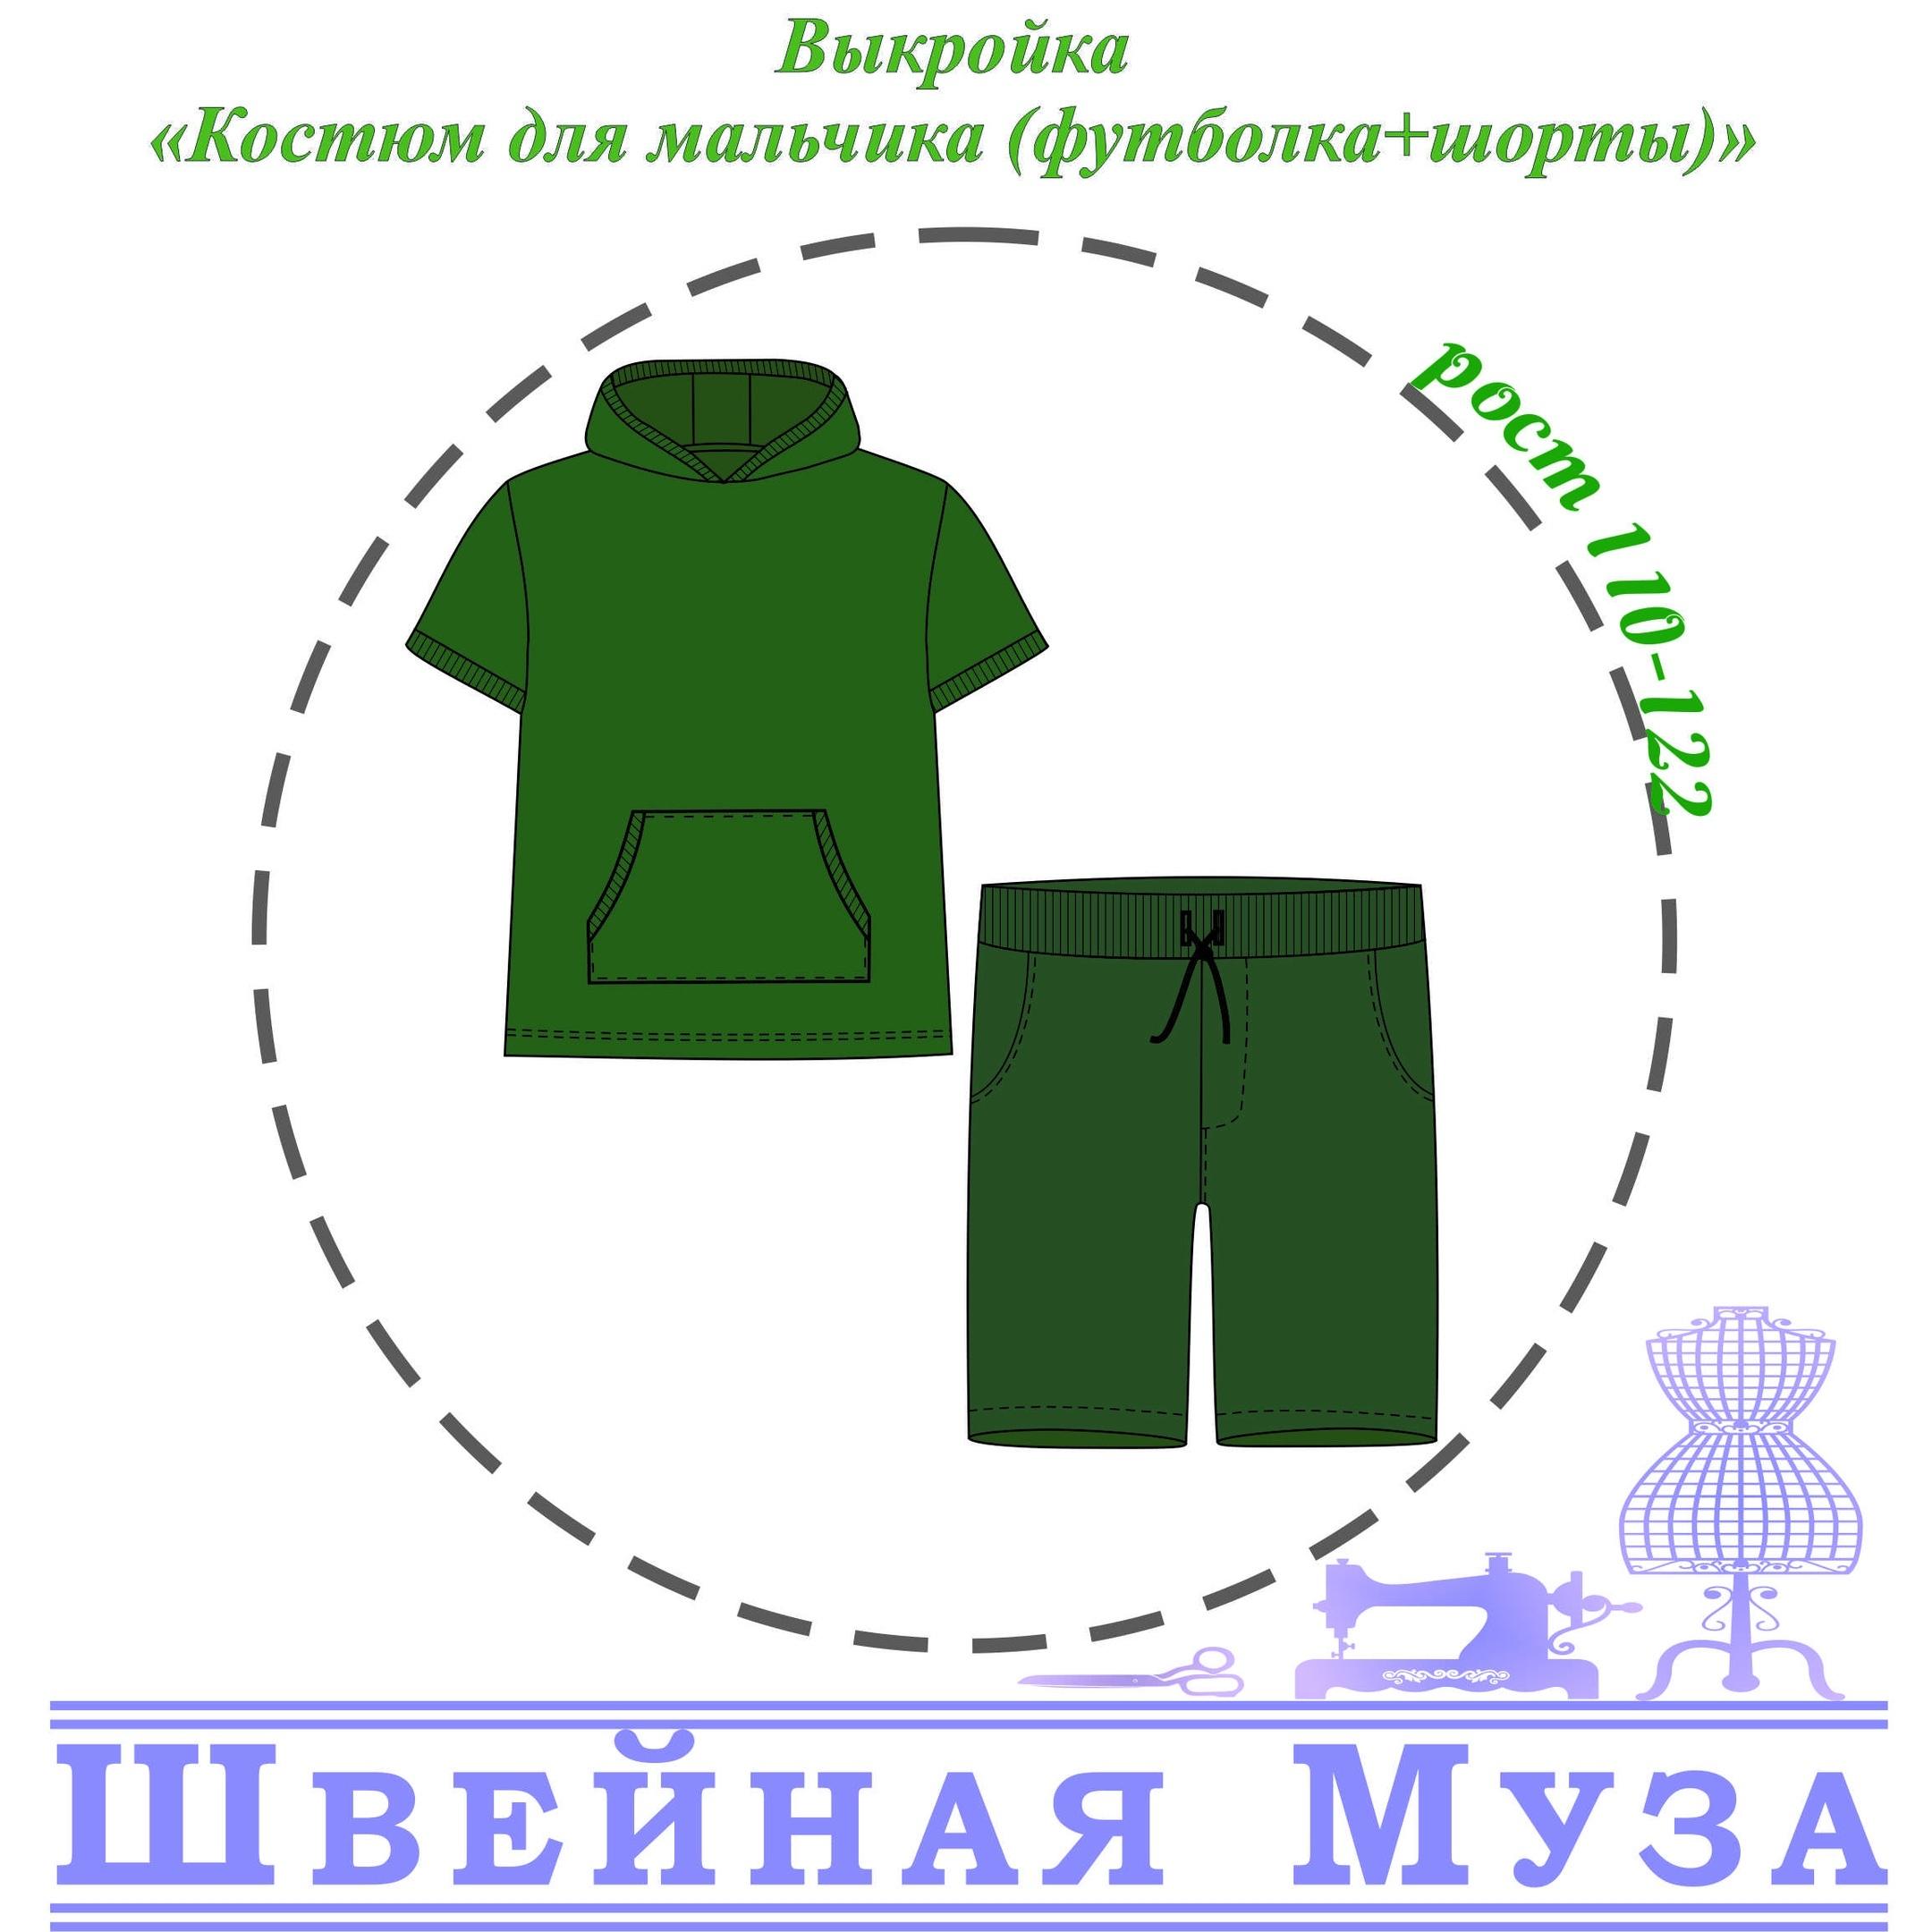 Новые размеры костюма для мальчика шорты + футболка!